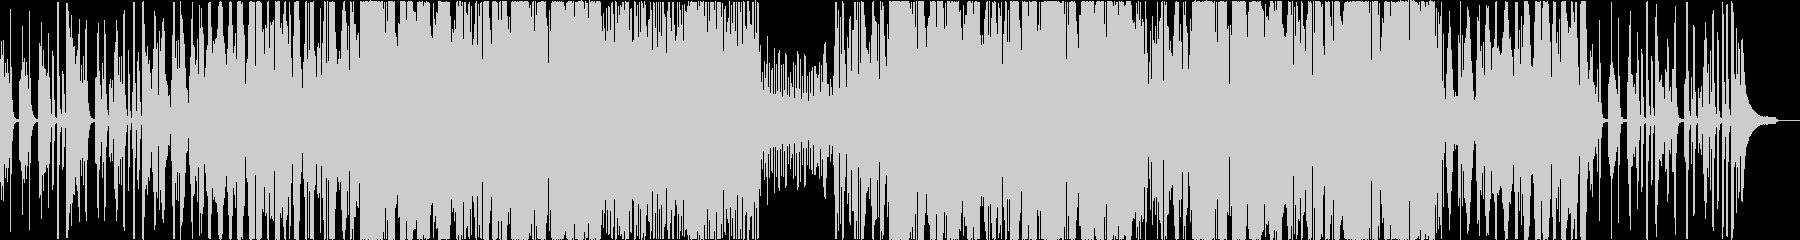 【リズム抜き】わくわくおしゃれなピアノ+の未再生の波形